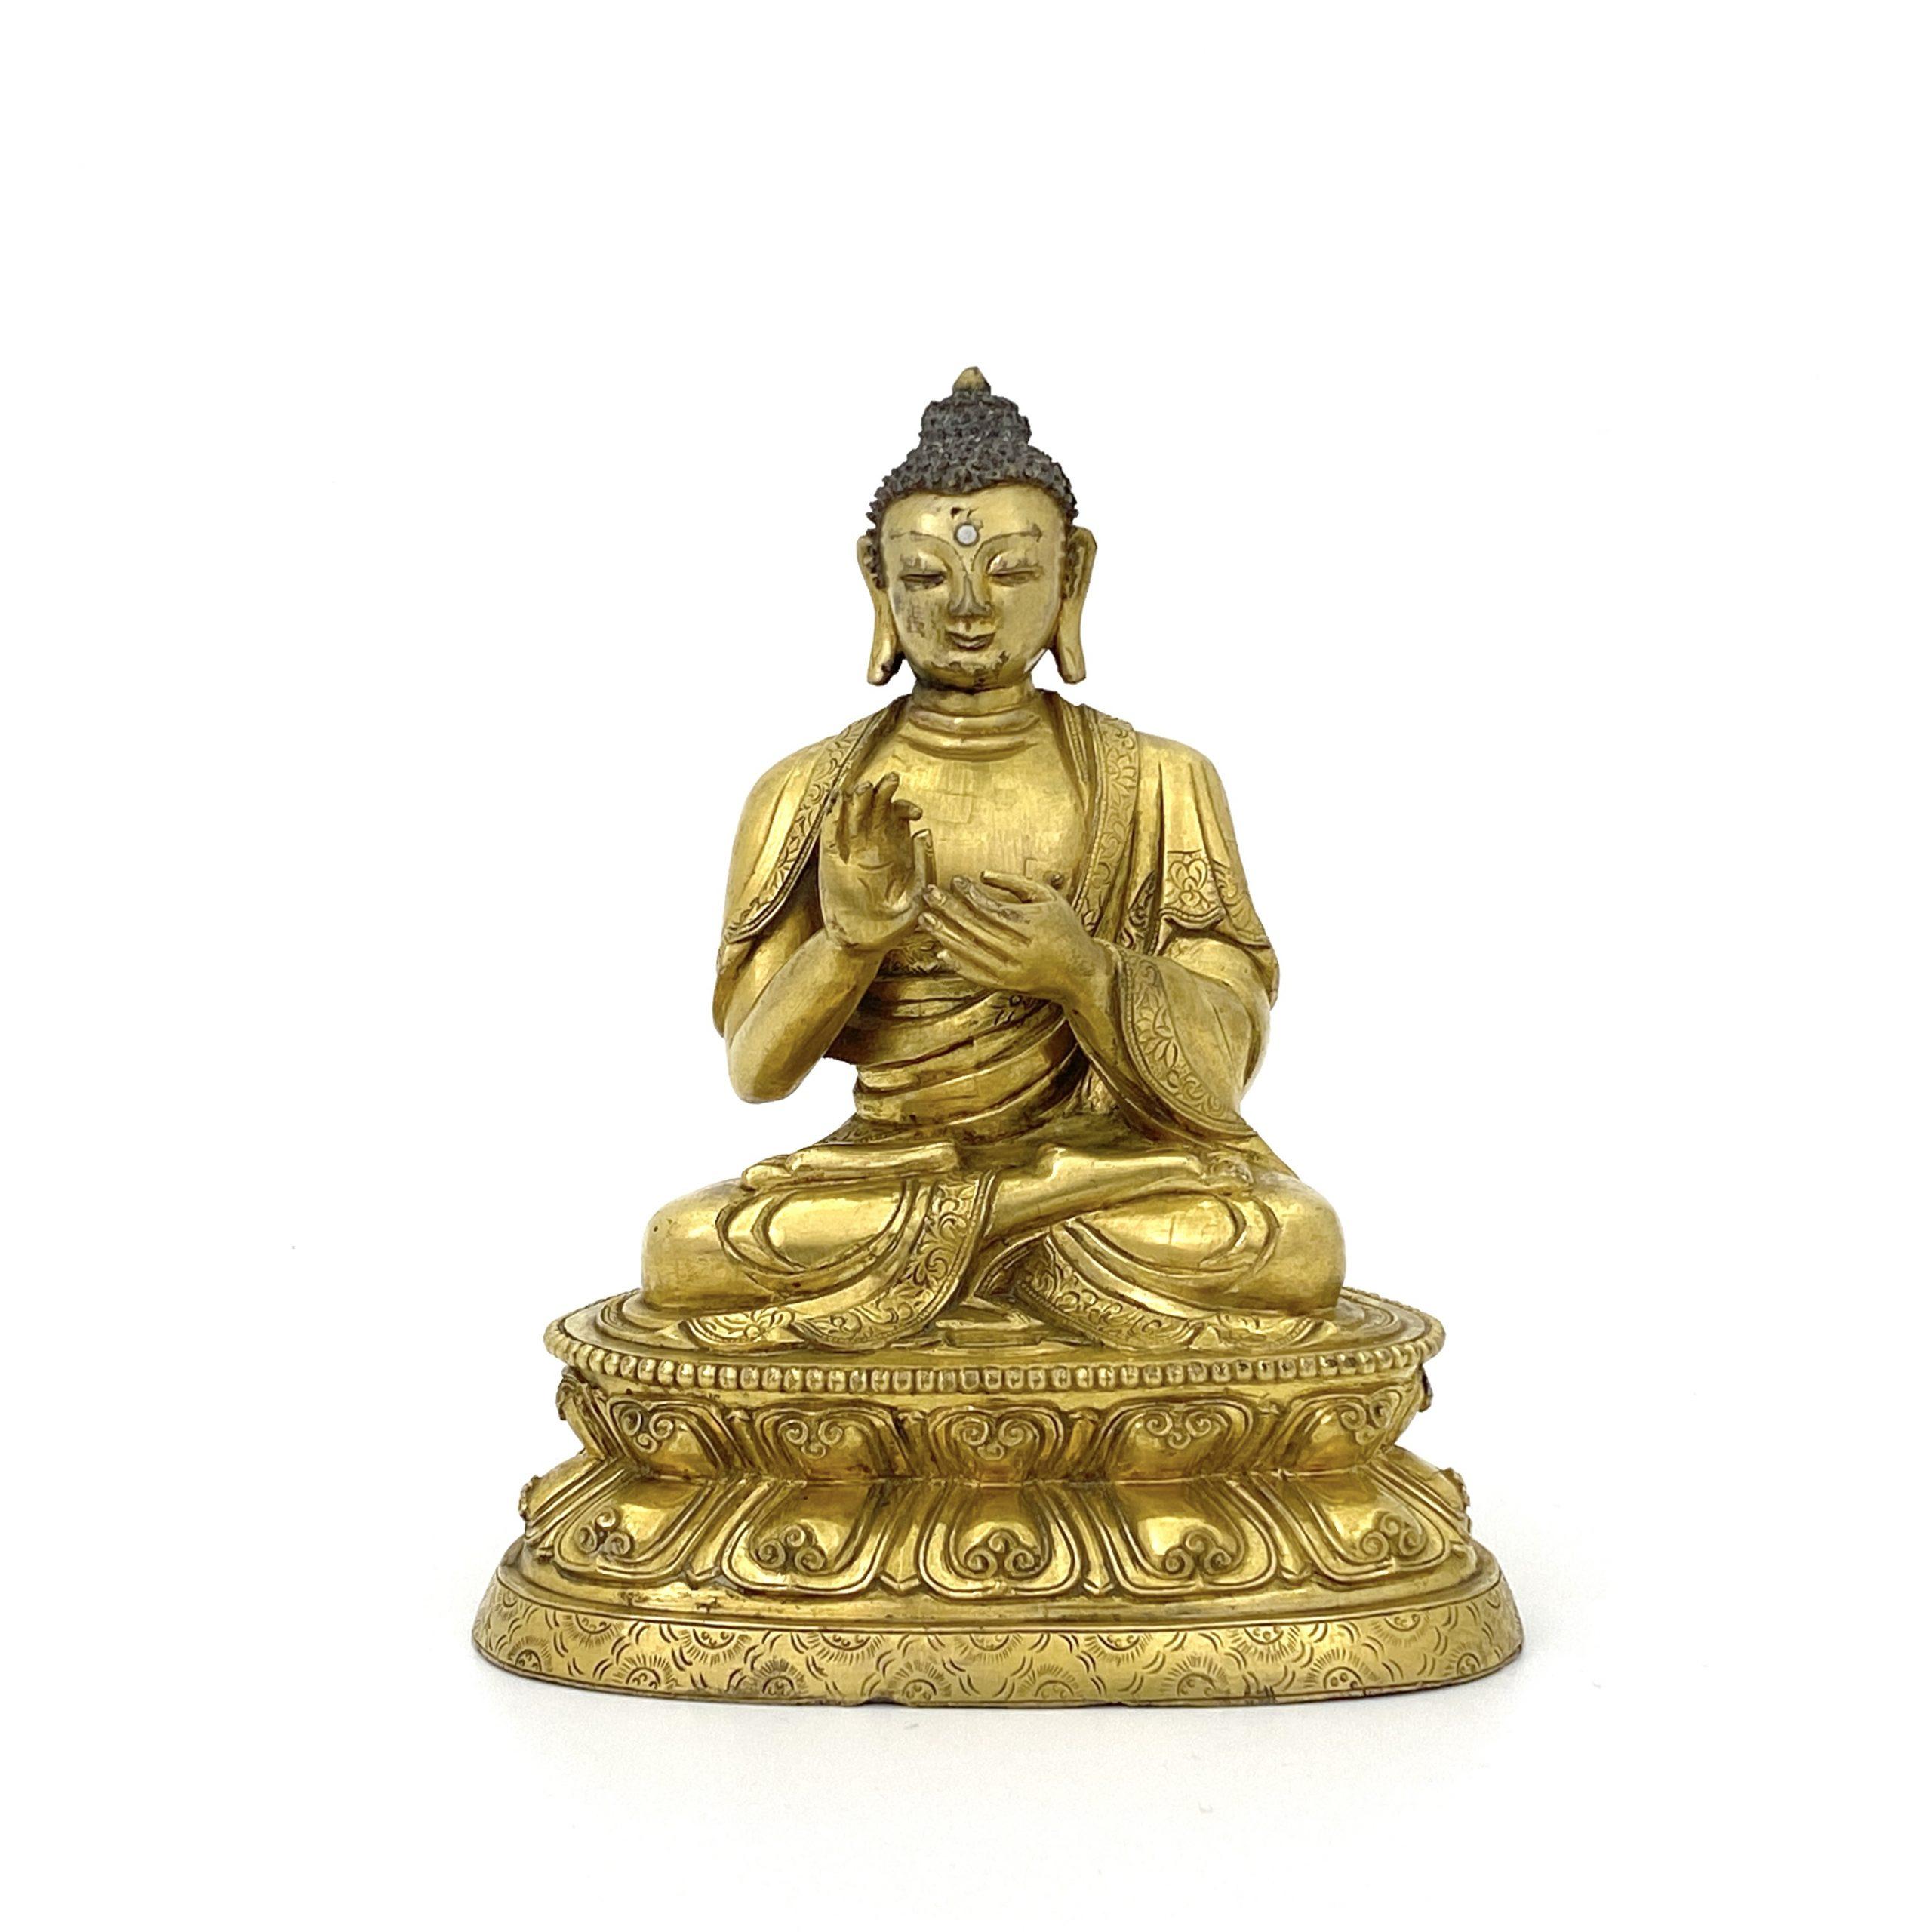 30143十七世紀 銅鎏金 釋迦牟尼